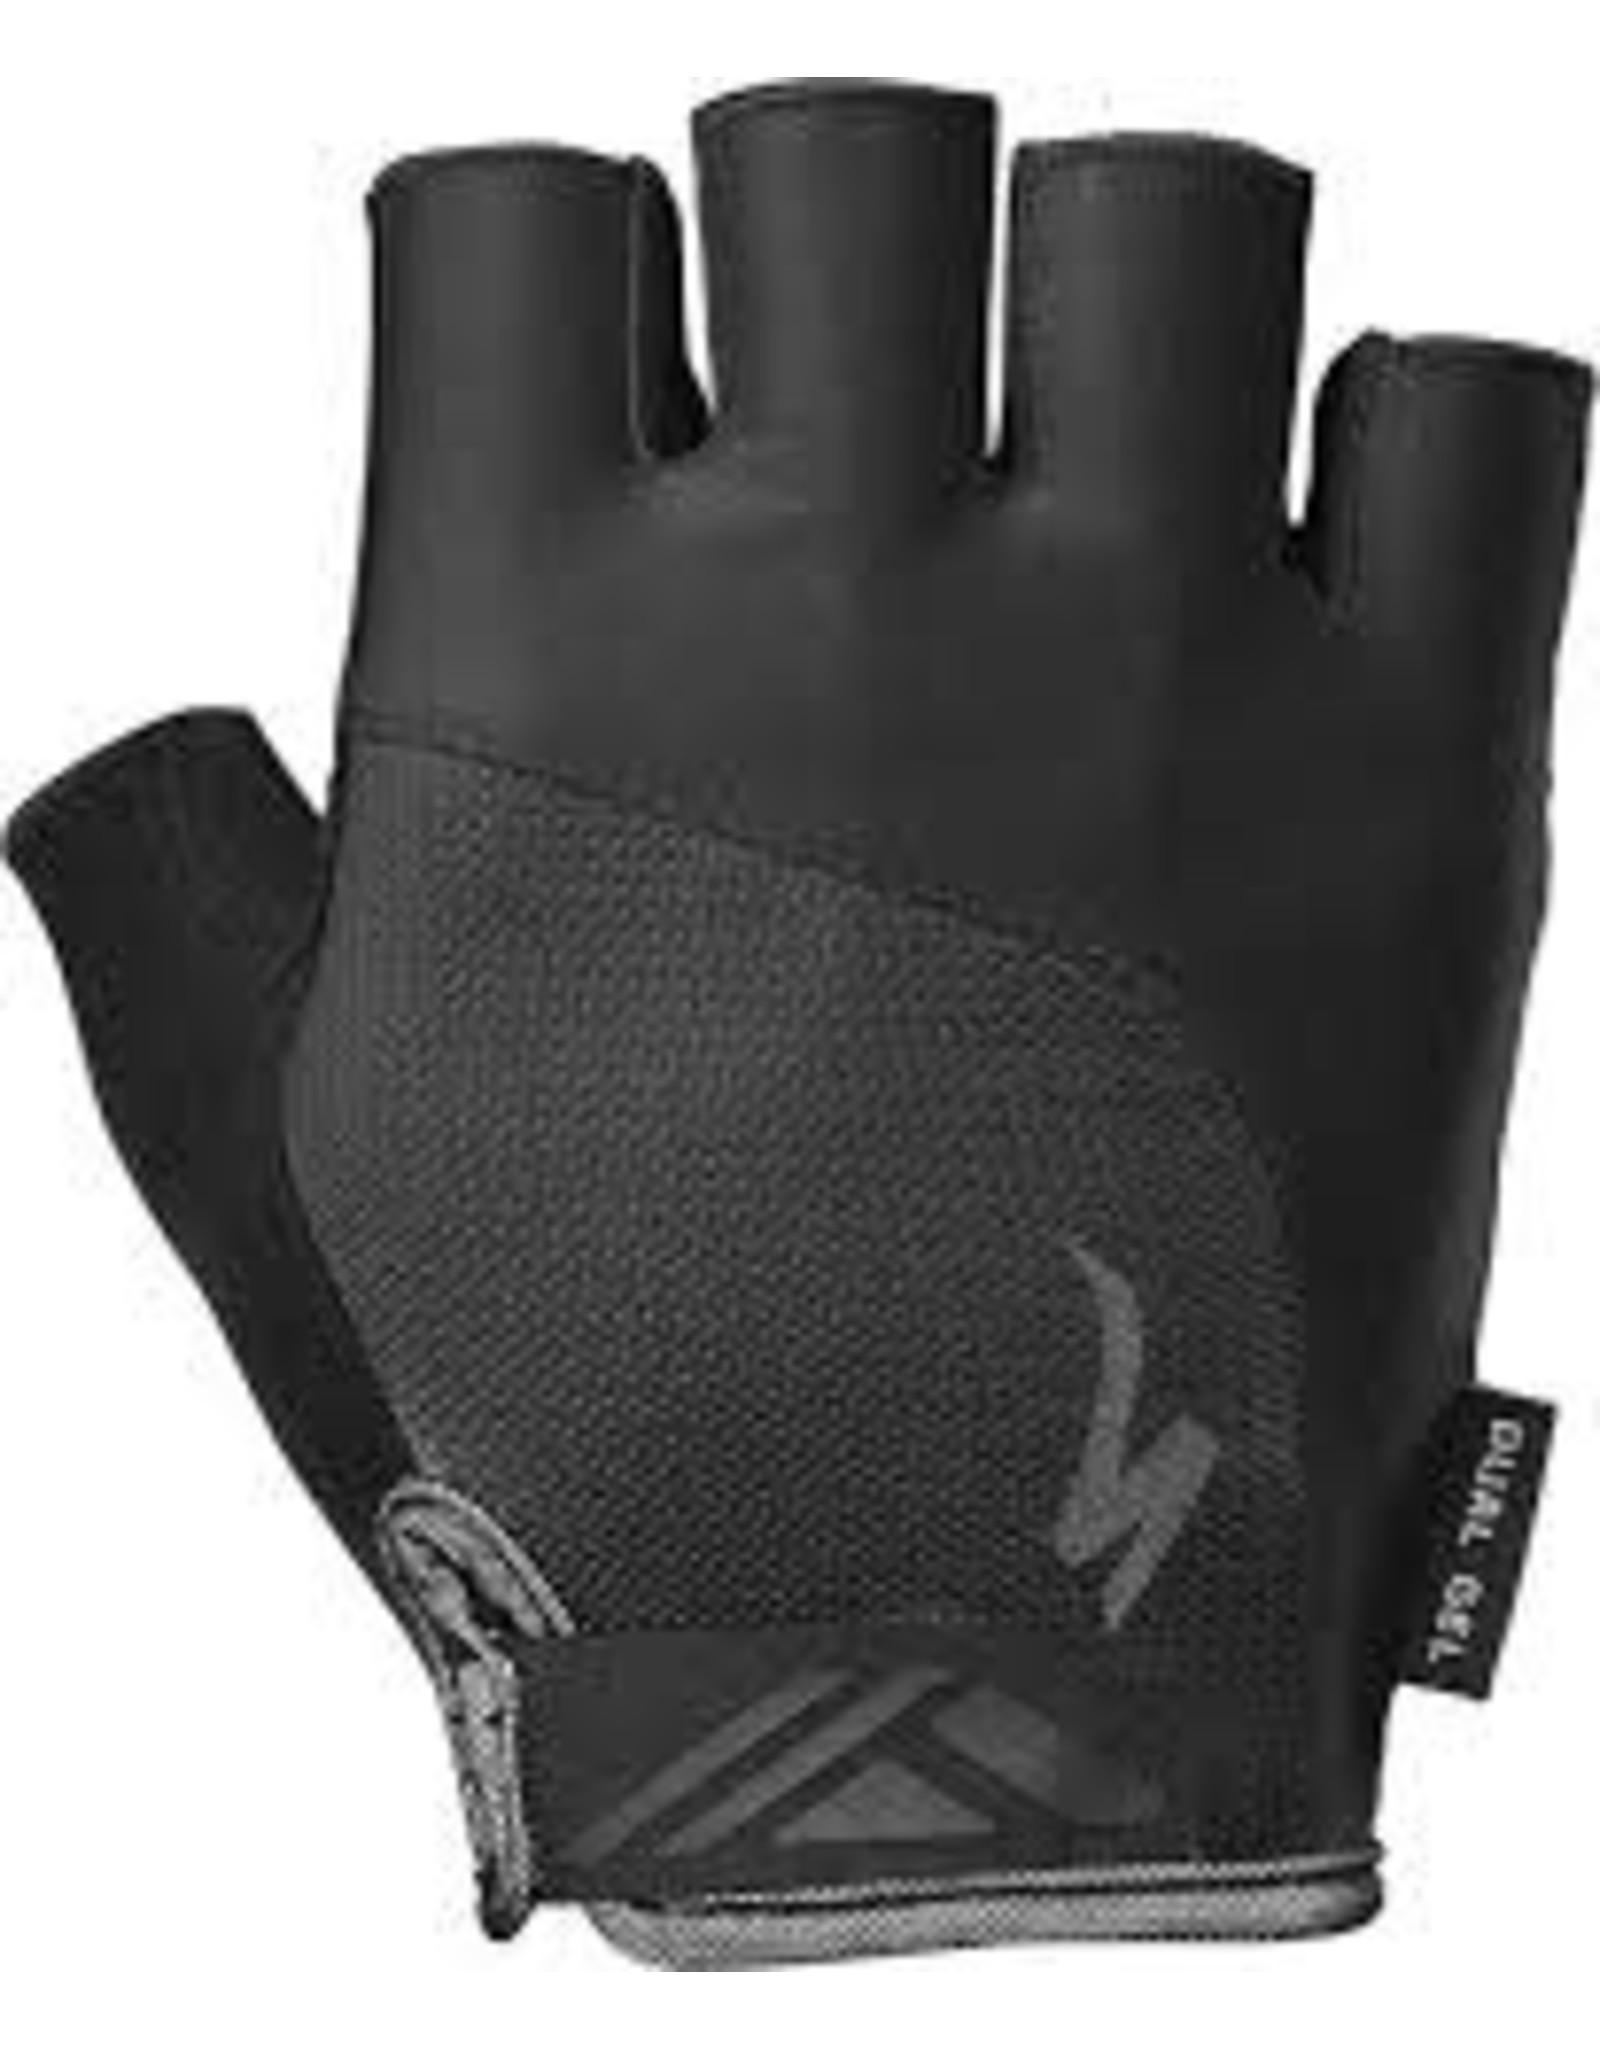 Specialized Glove Spec BG Gel Blk/Blk XXL